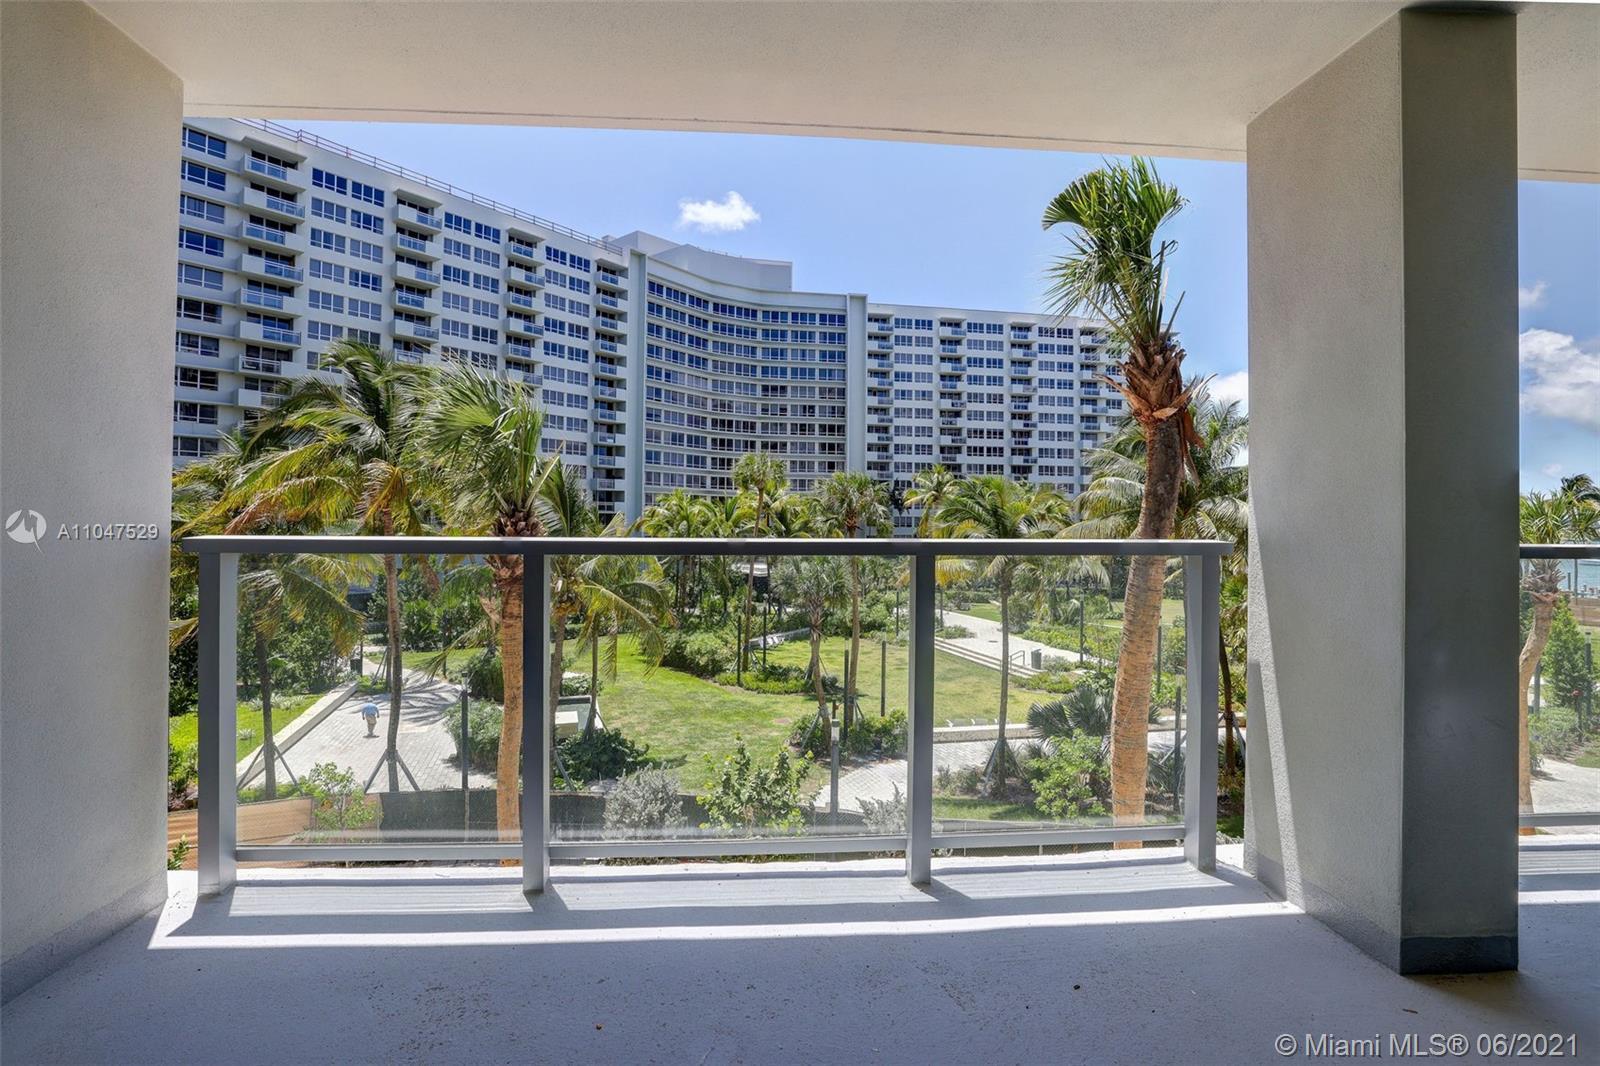 Flamingo South Beach #N-326 - 04 - photo